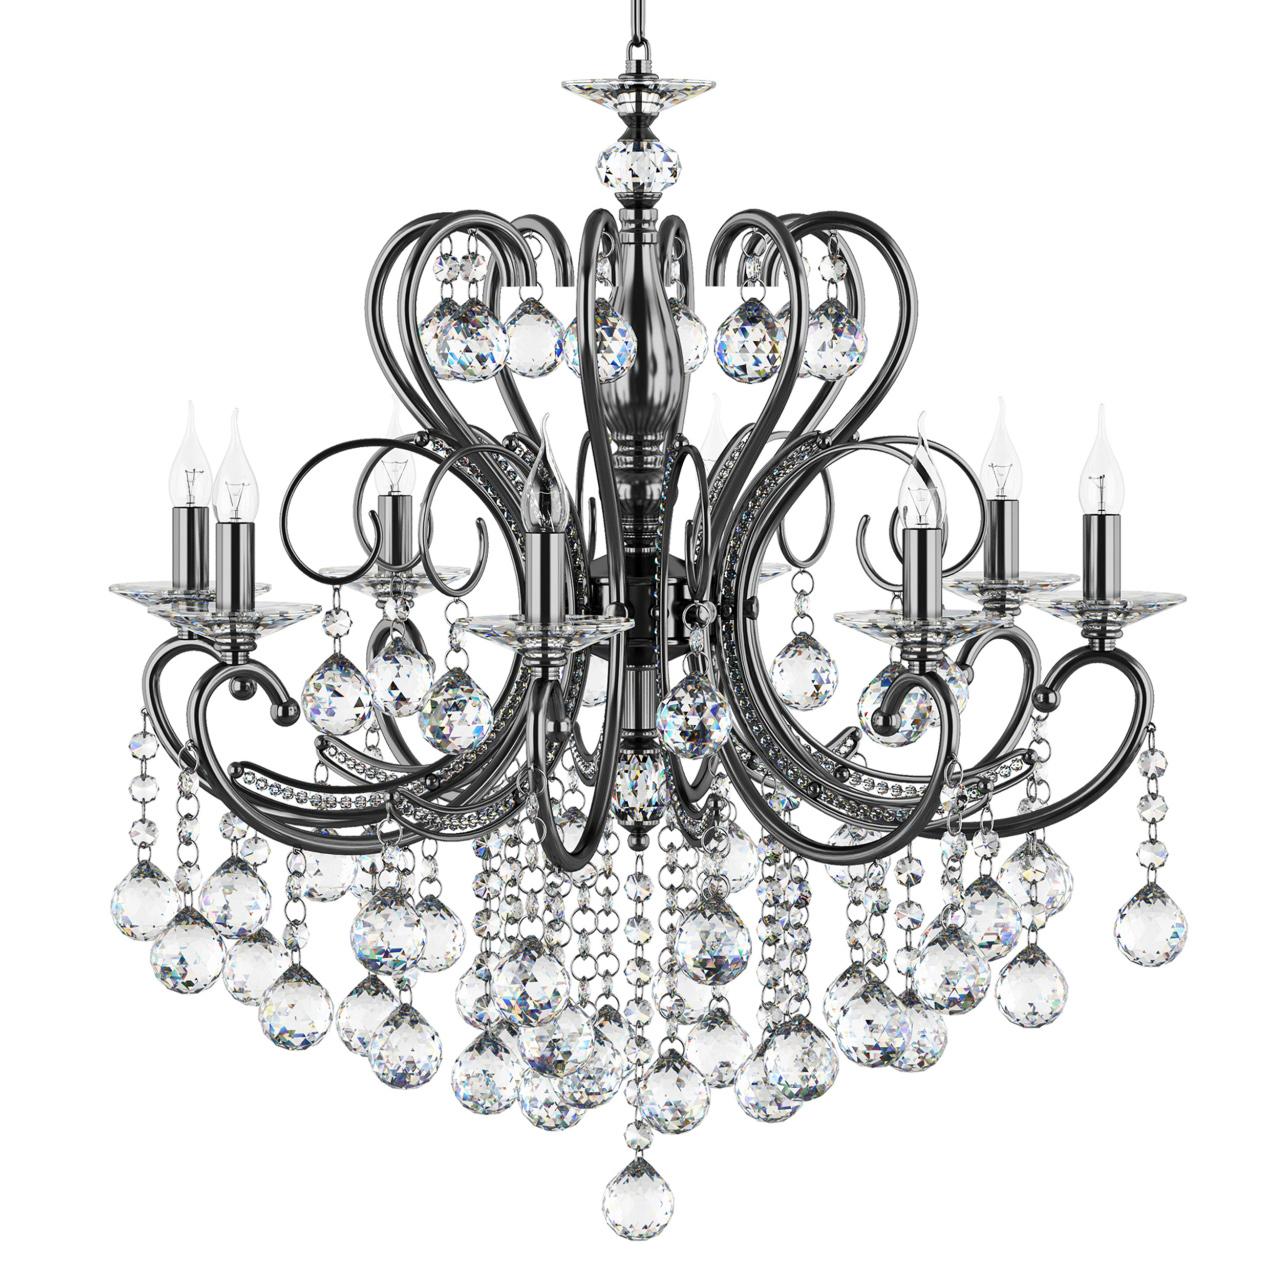 Люстра подвесная Elegante 8х60W E14 черный хром / кристалл дымчатый Osgona 708087